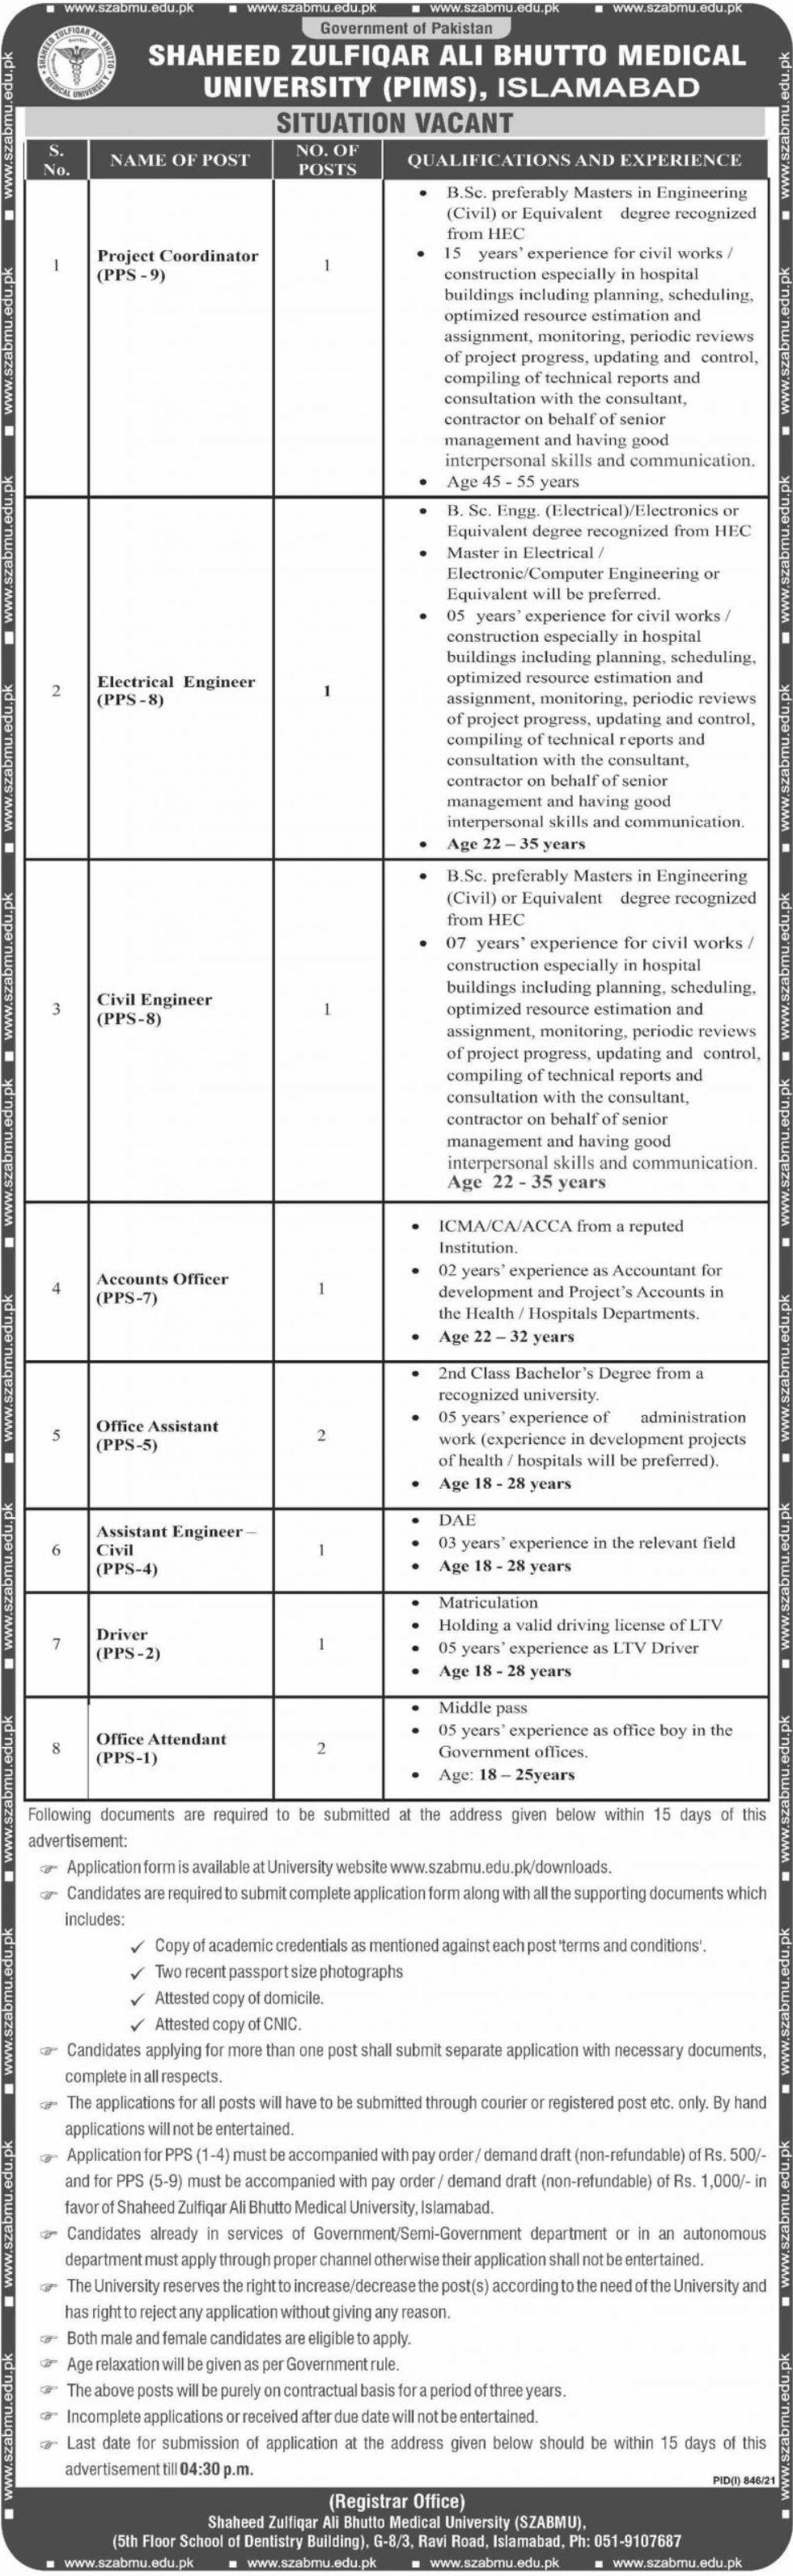 Shaheed Zulfiqar Ali Bhutto Medical University PIMS Vacancies 2021 2